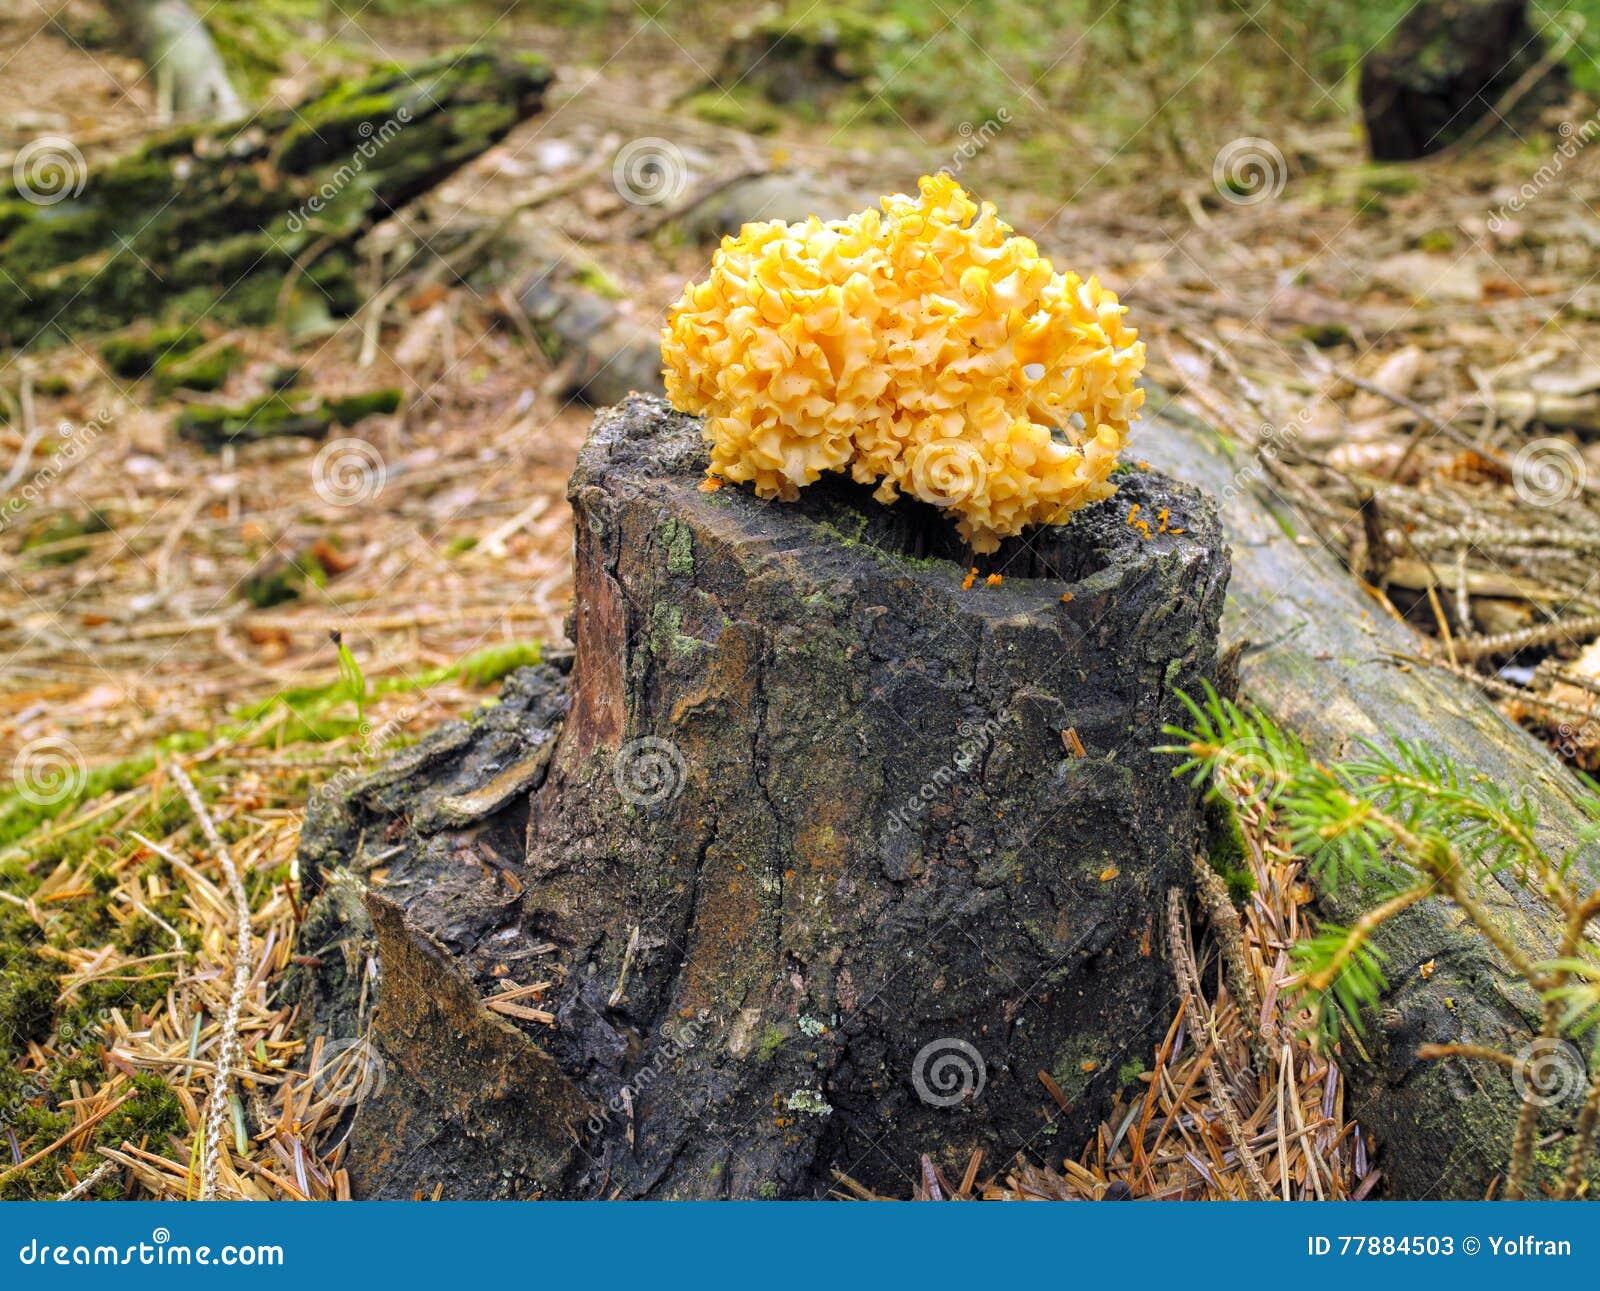 Champignon sauvage jaune sur le tronc d 39 arbre dans la r gion bois e d 39 automne photo stock - Champignon sur tronc d arbre ...